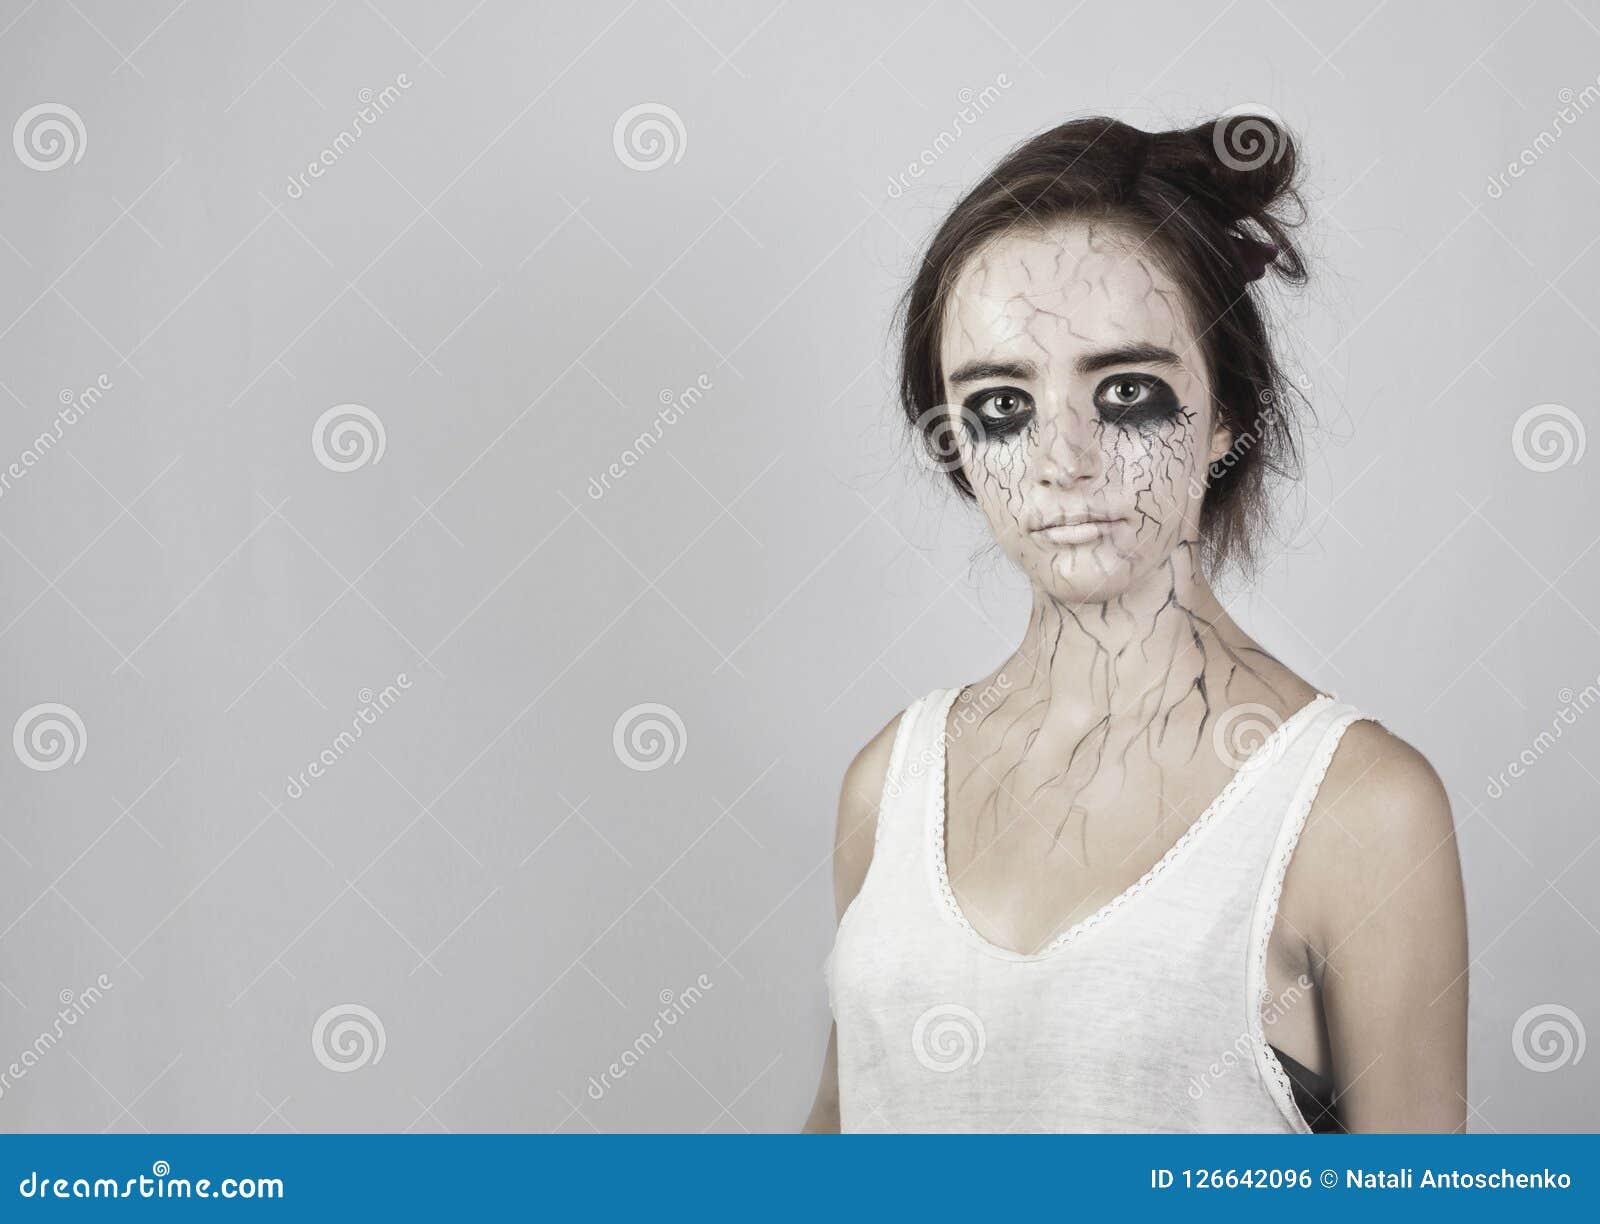 αποκριές Πορτρέτο ενός λυπημένου κοριτσιού με τους μώλωπες κάτω από τα μάτια της, μαύρες φλέβες στο πρόσωπό της έννοια αποκριών κ